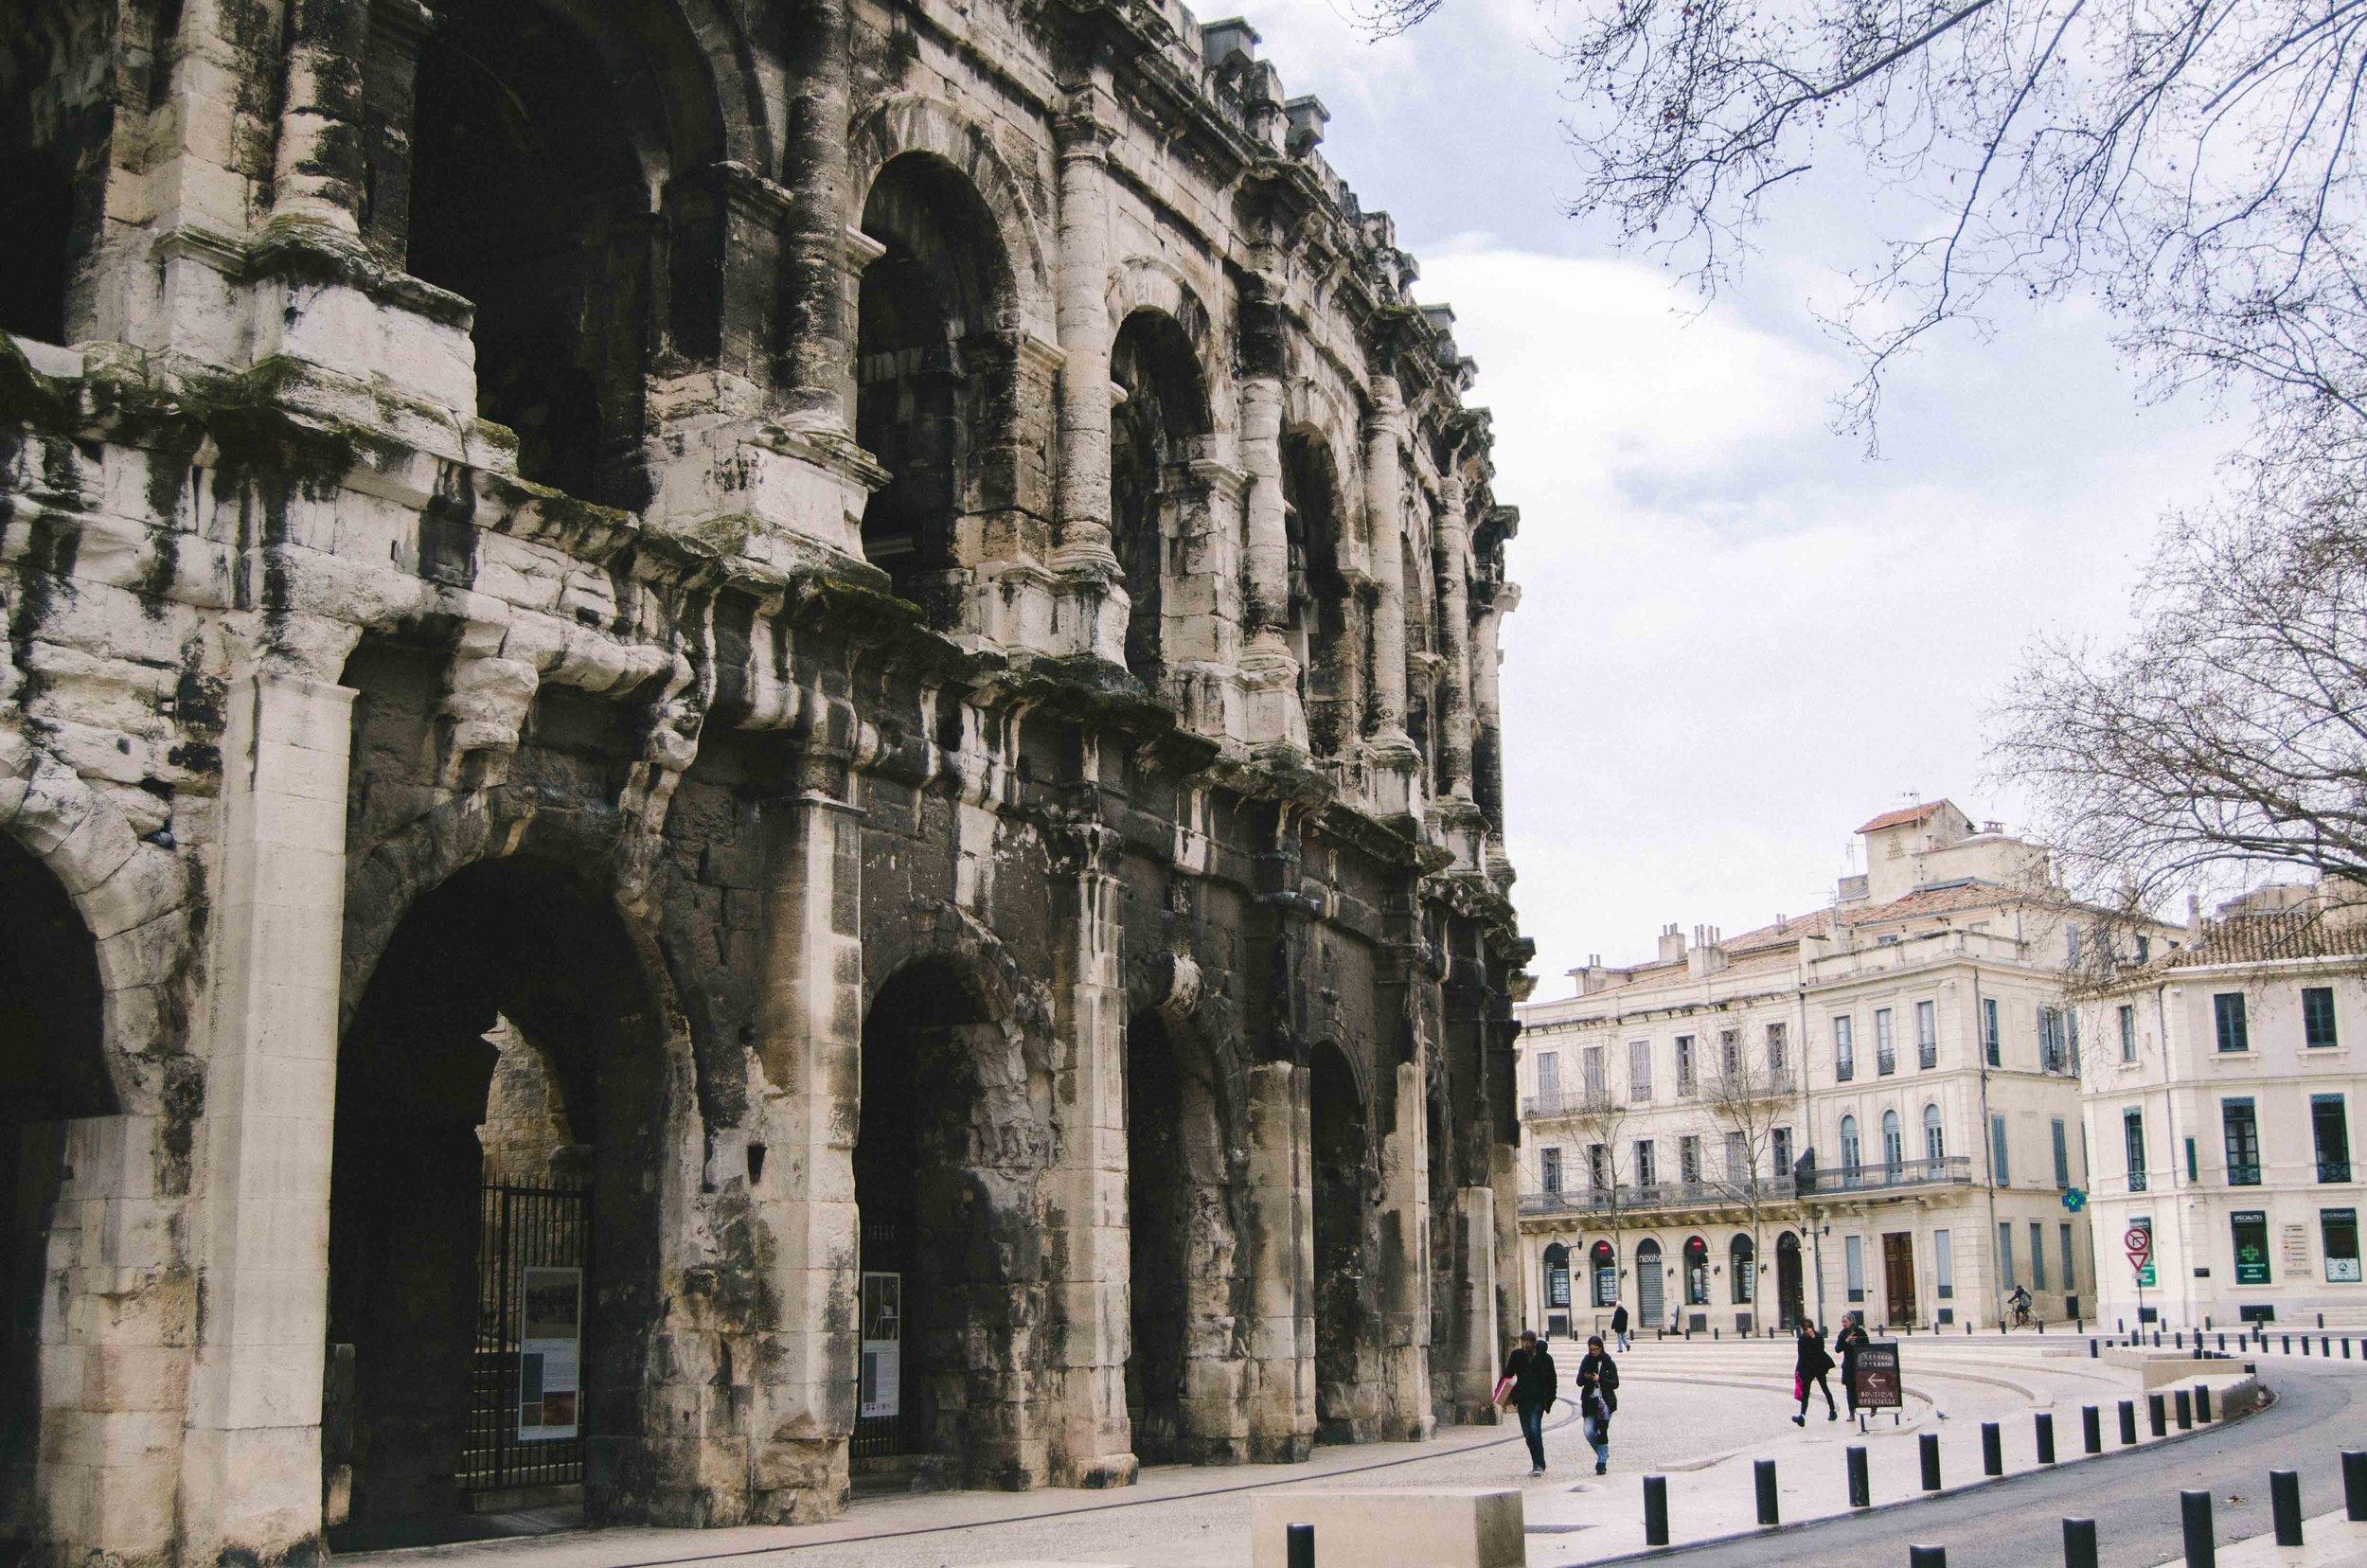 march 4 // Arènes de Nîmes, built around 70 A.D.